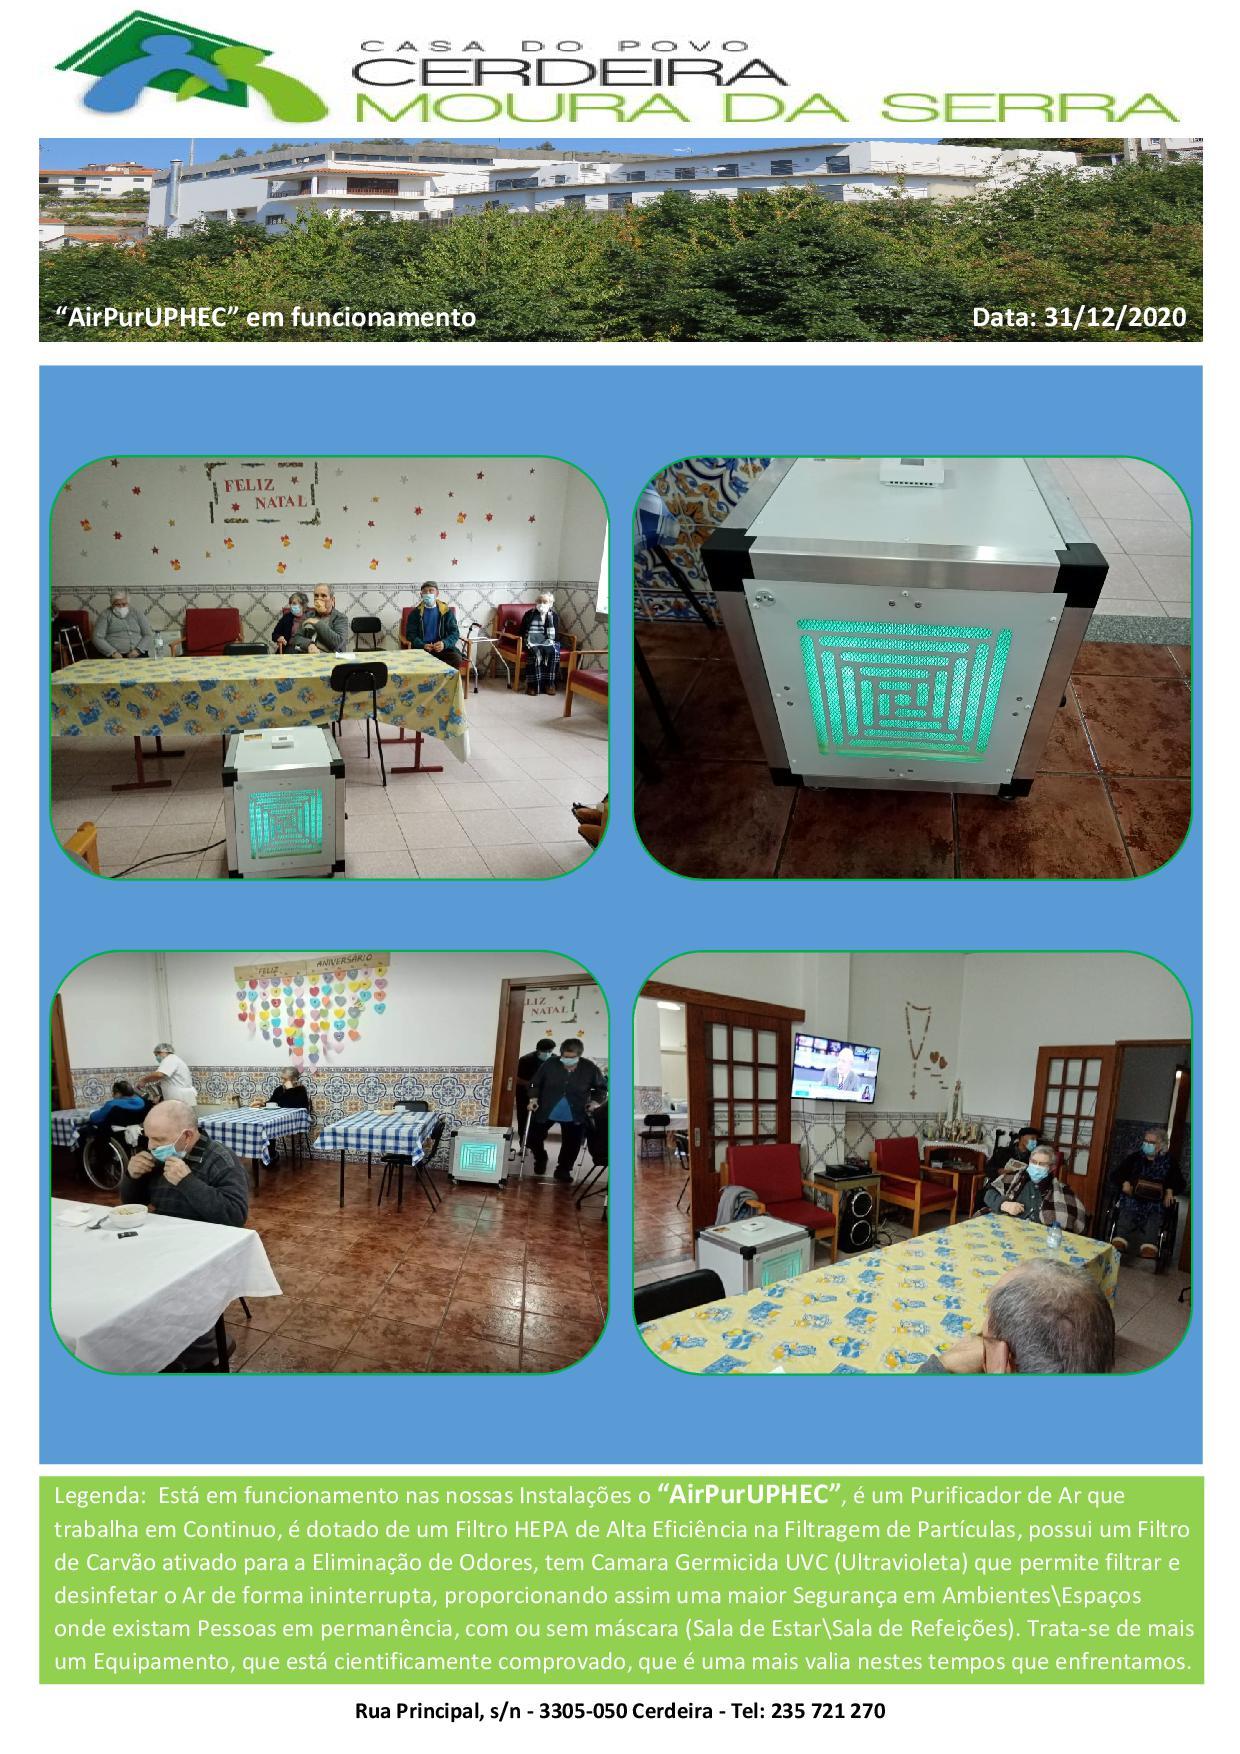 """Casa do Povo de Cerdeira e Moura da Serra, I.P.S.S. – """"AirPurUPHEC"""" em funcionamento"""